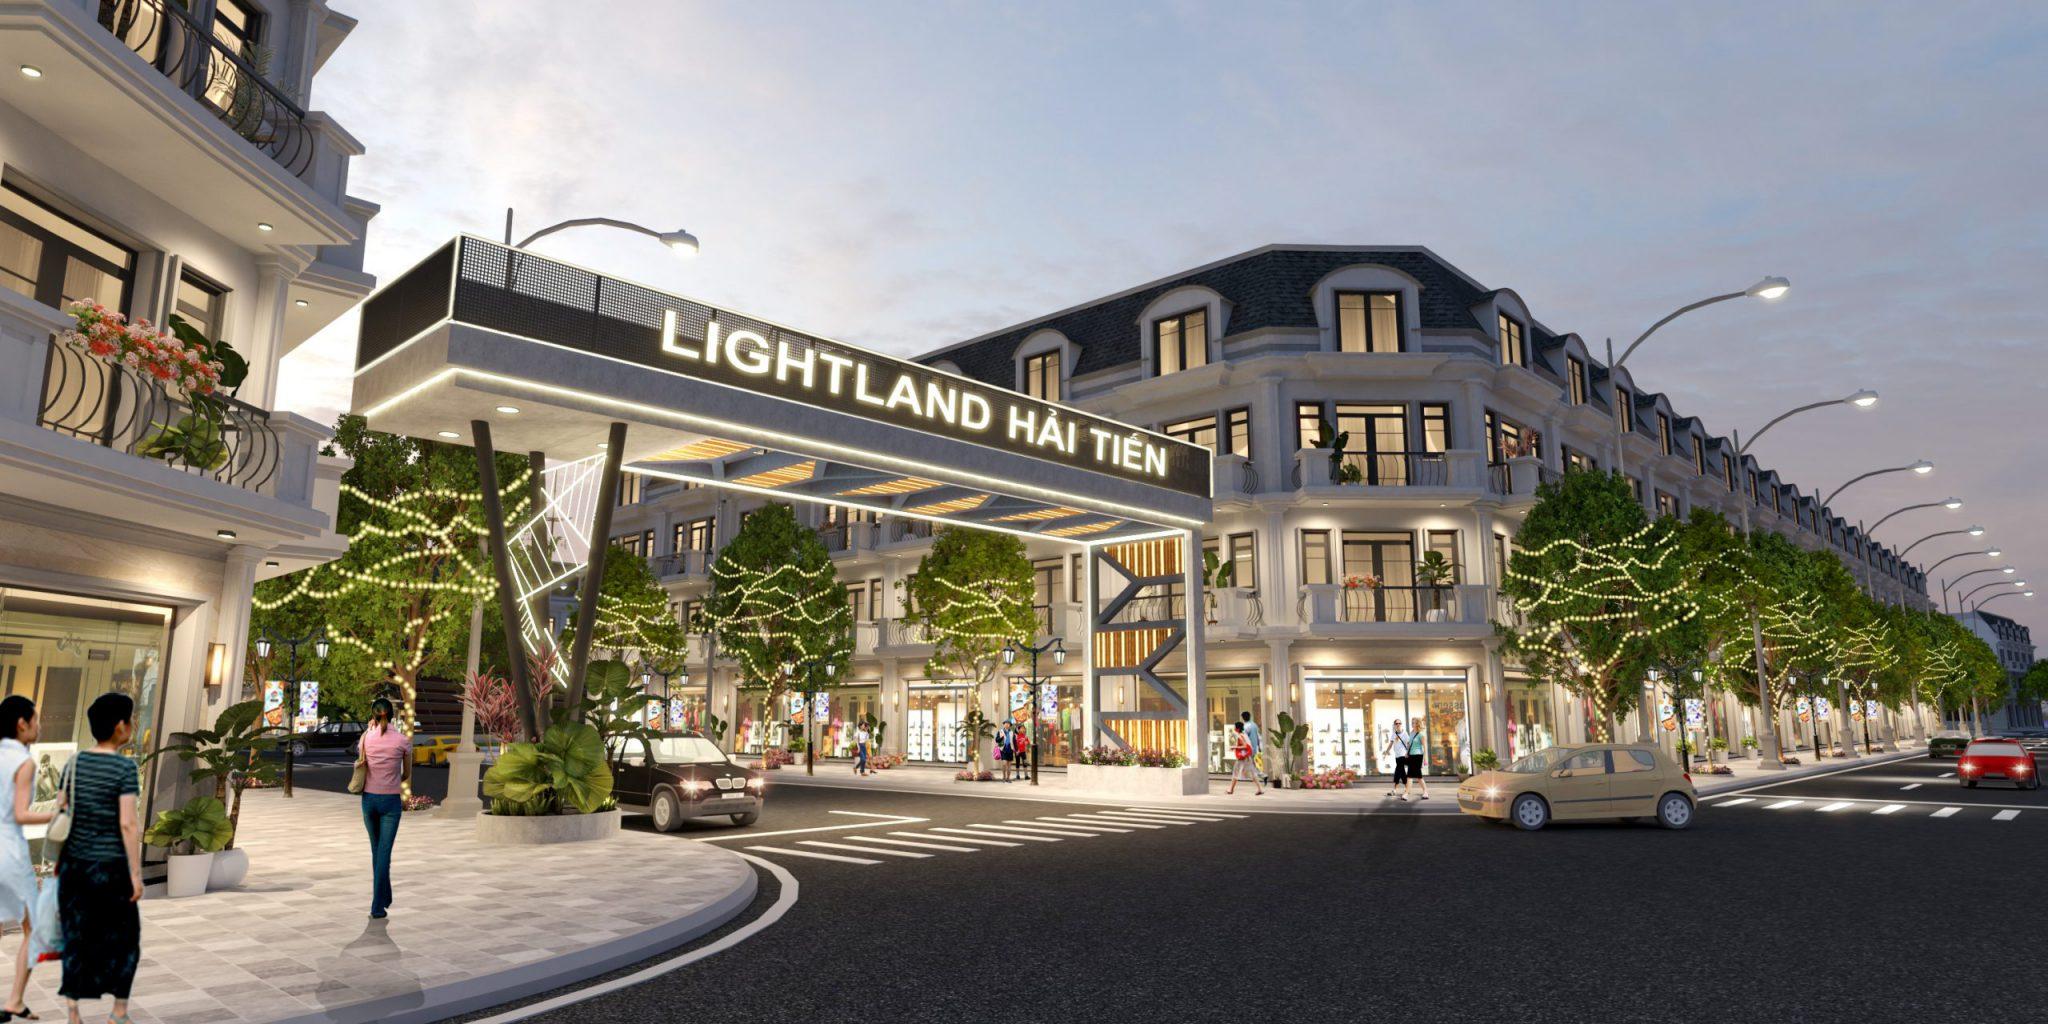 tổng quan dự án lightland hải tiến thanh hóa